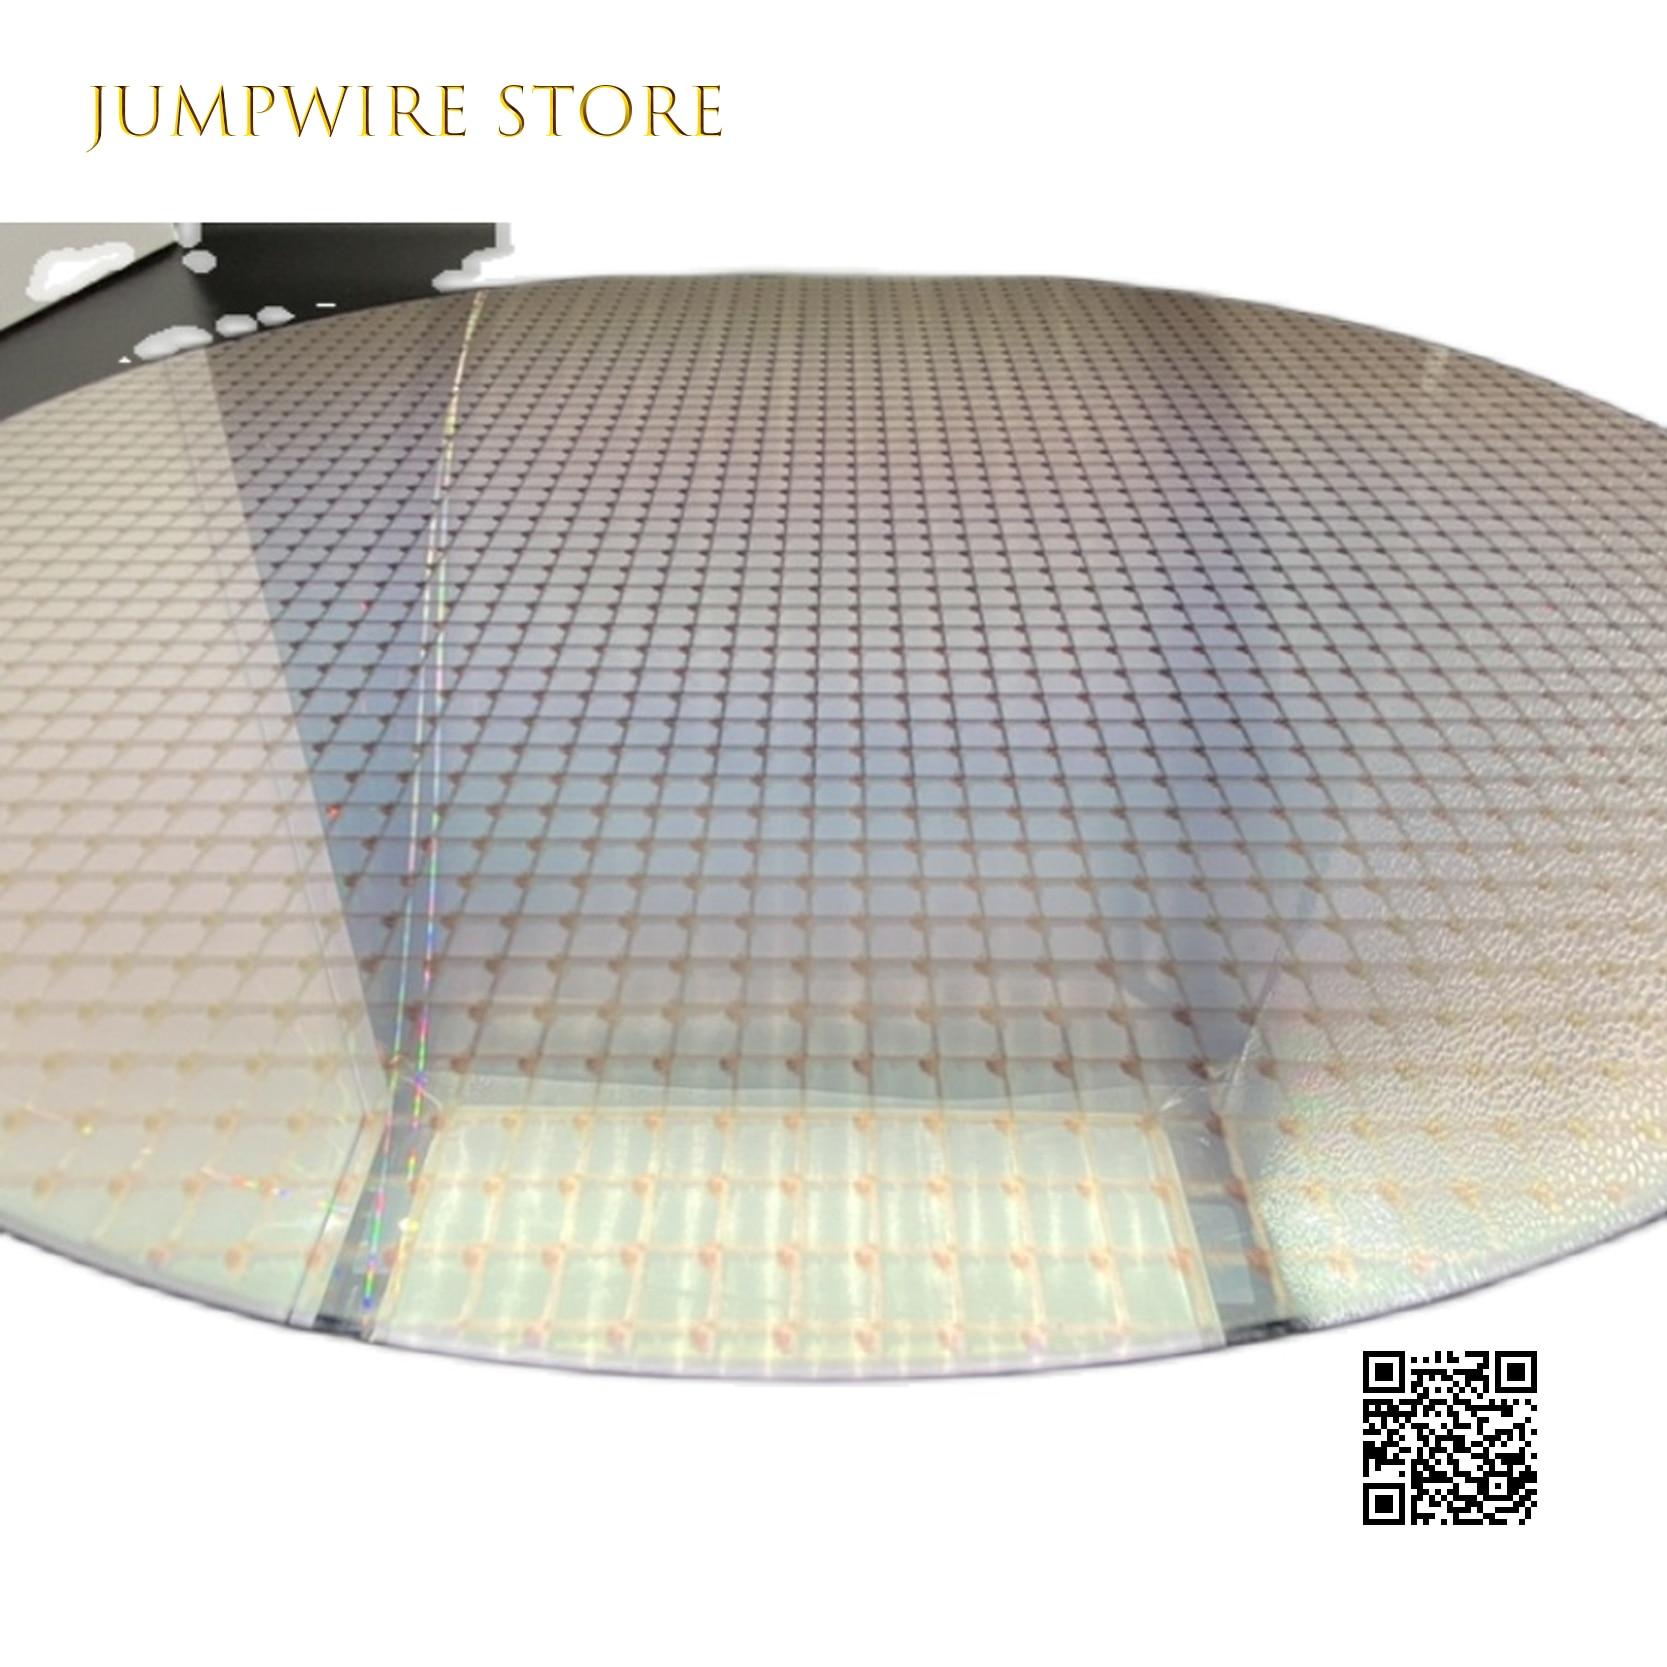 اختبار 12 بوصة 300 مللي متر رقاقة الطباعة الحجرية أشباه الموصلات الدوائر يموت الجسيمات حزمة IC السيليكون الركيزة التكامل